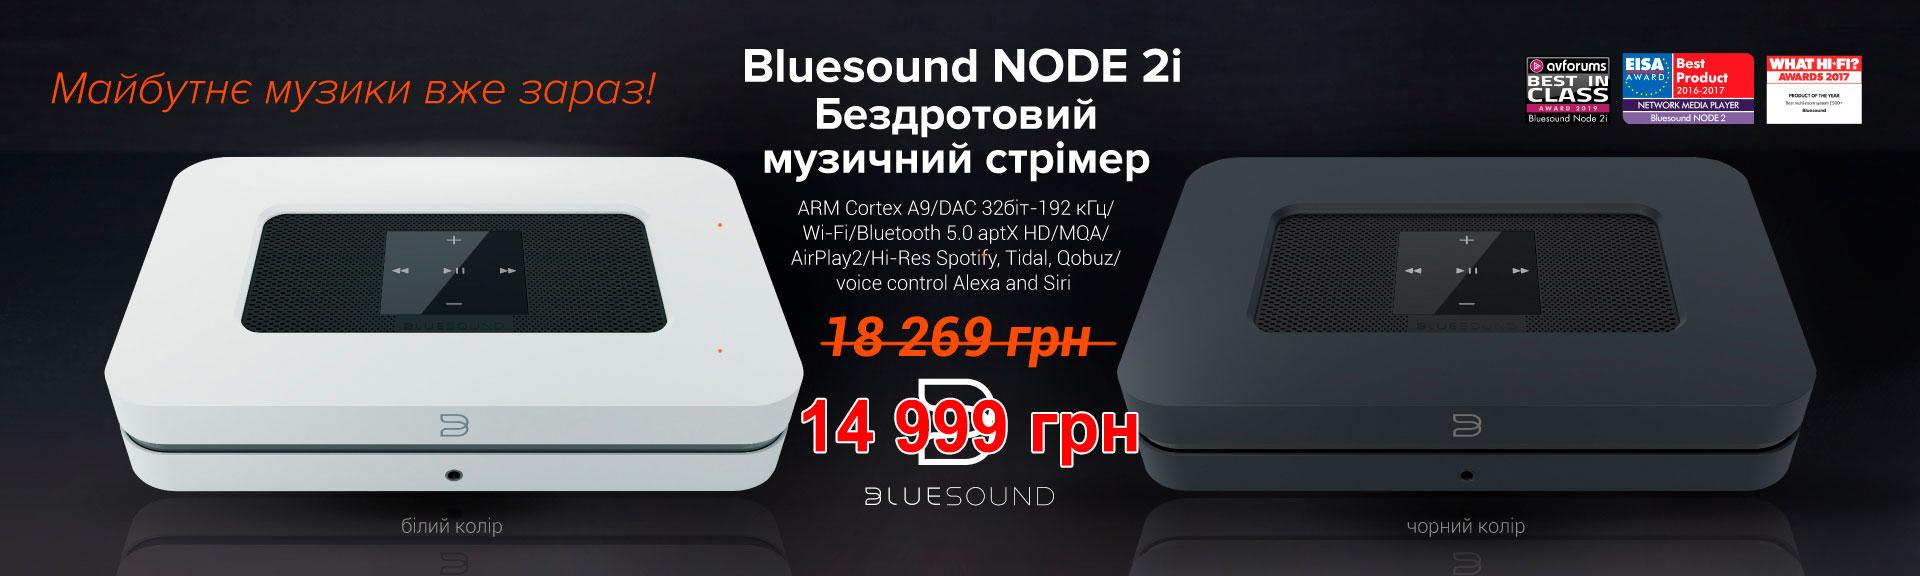 Bluesound NODE 2i